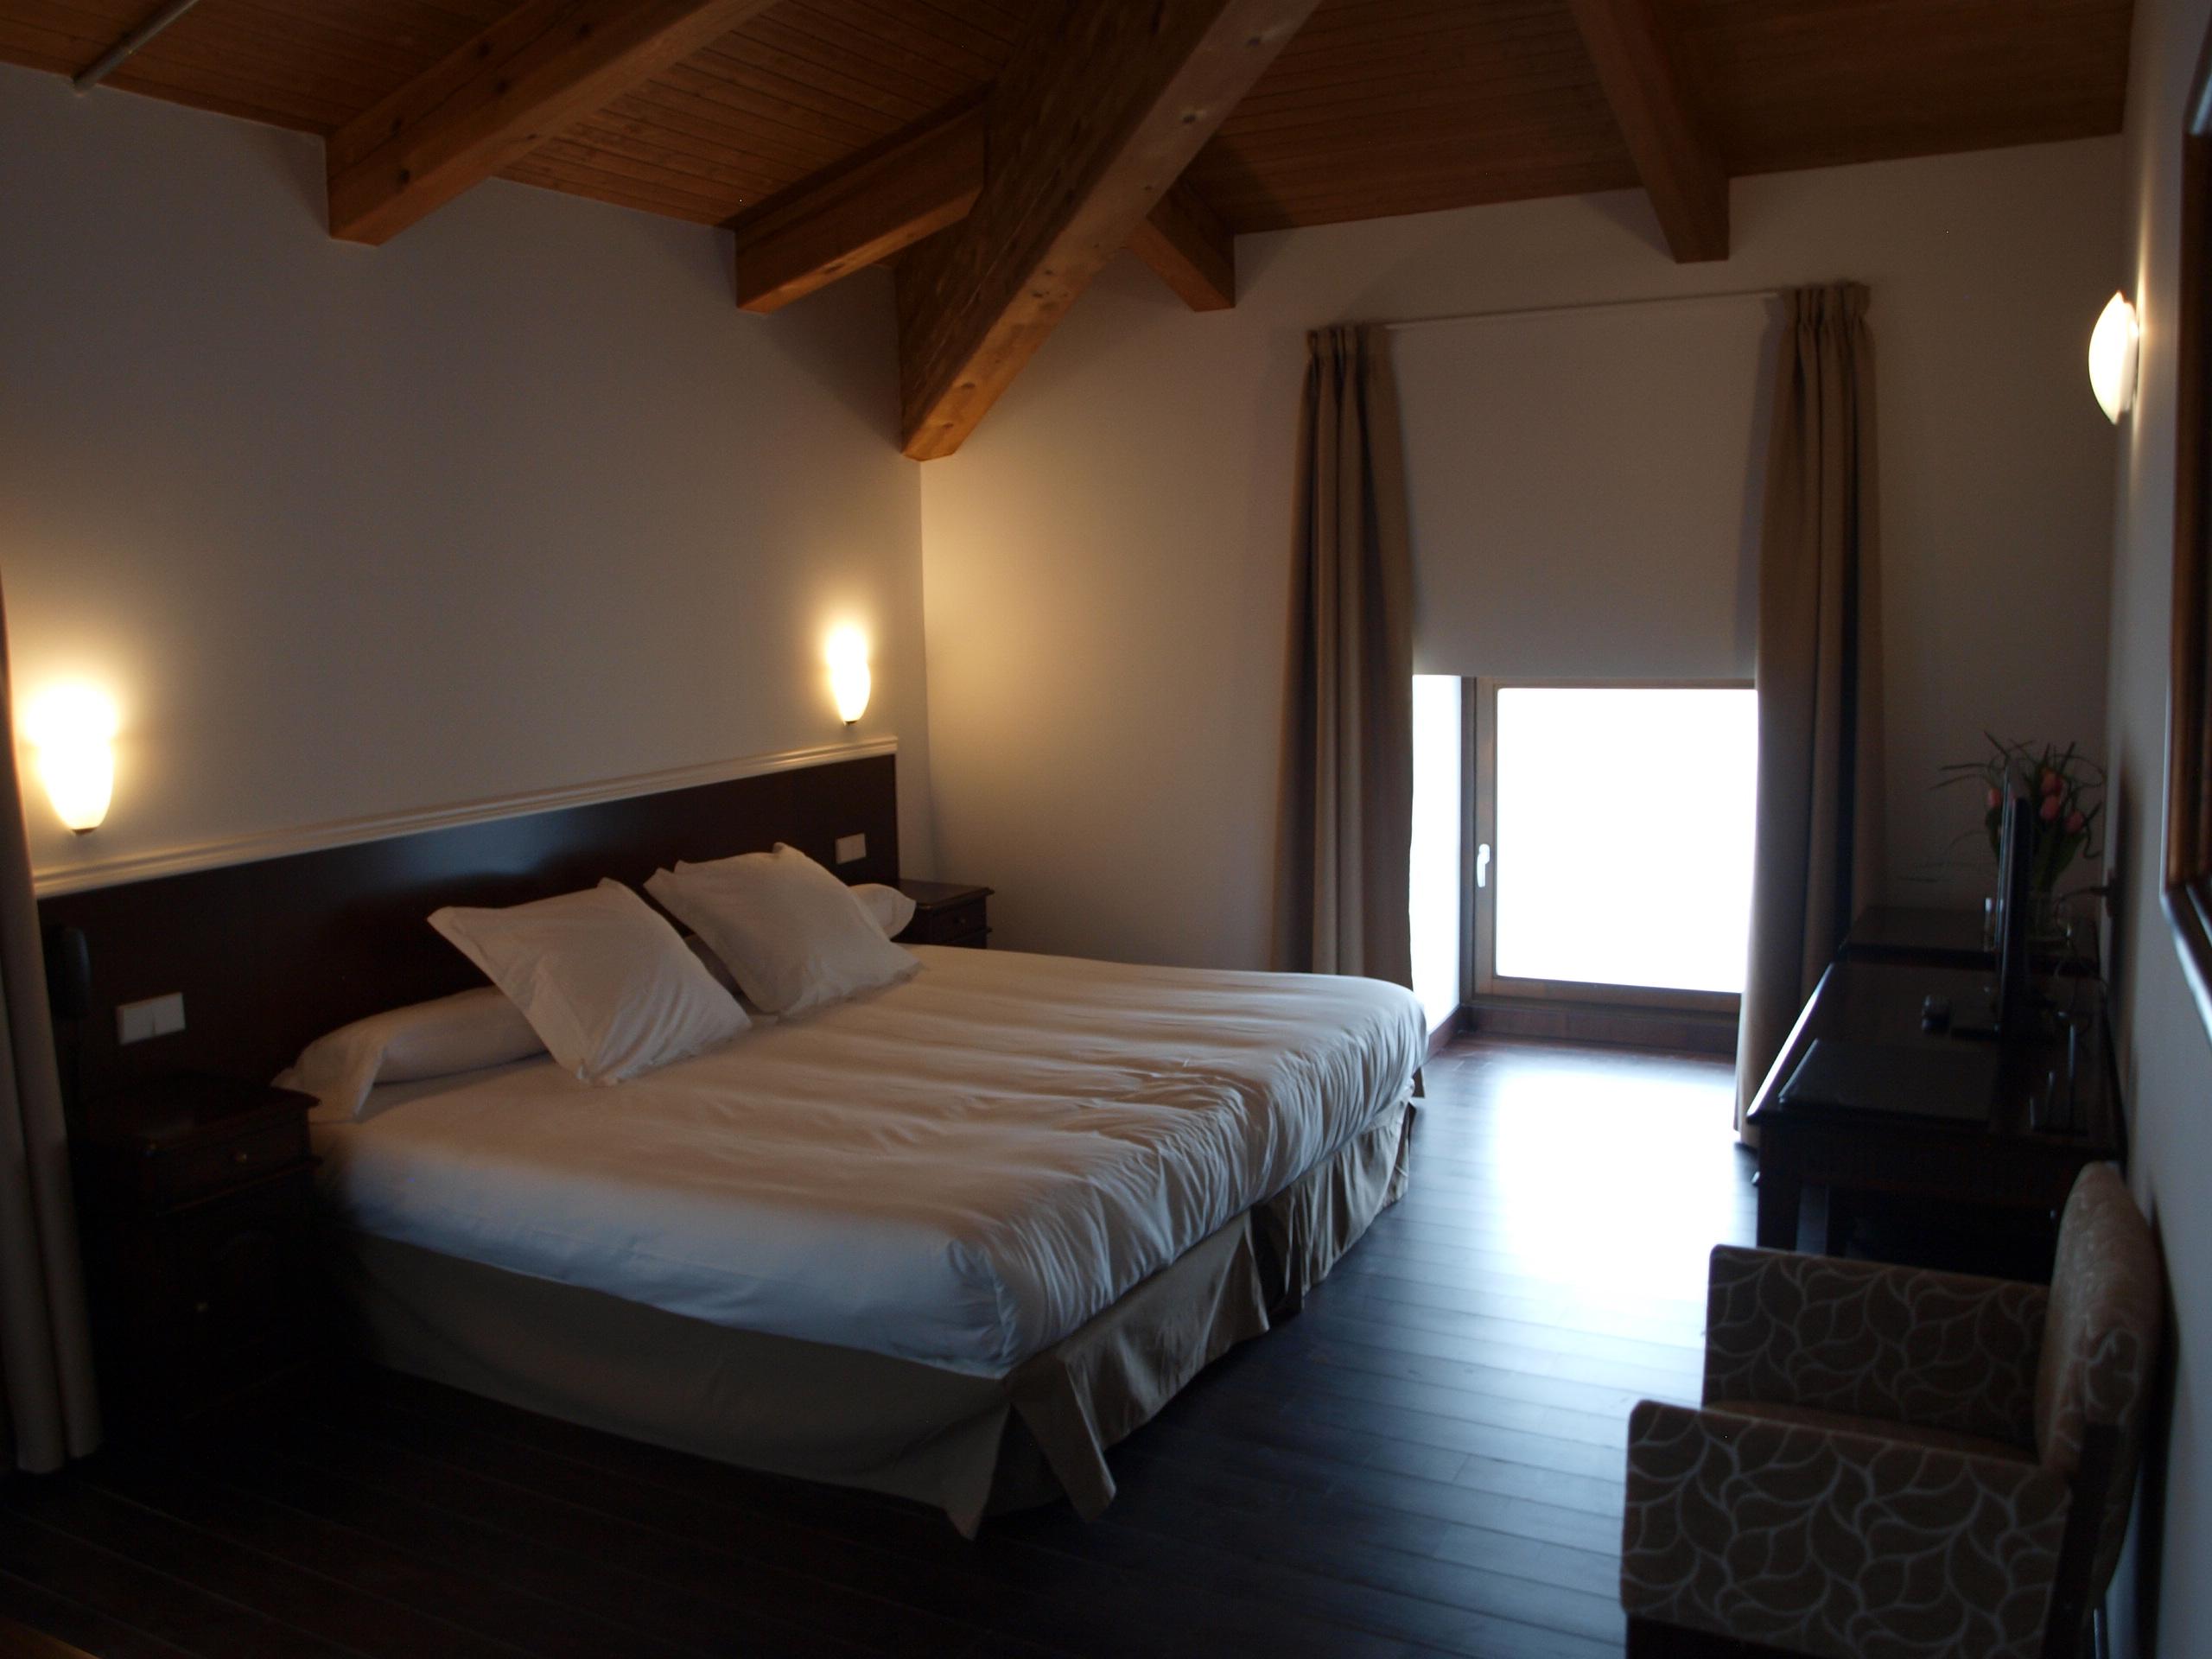 Hotel spa Infante don Juan Manuel Belmonte Cuenca ruartecontract palacios lujo